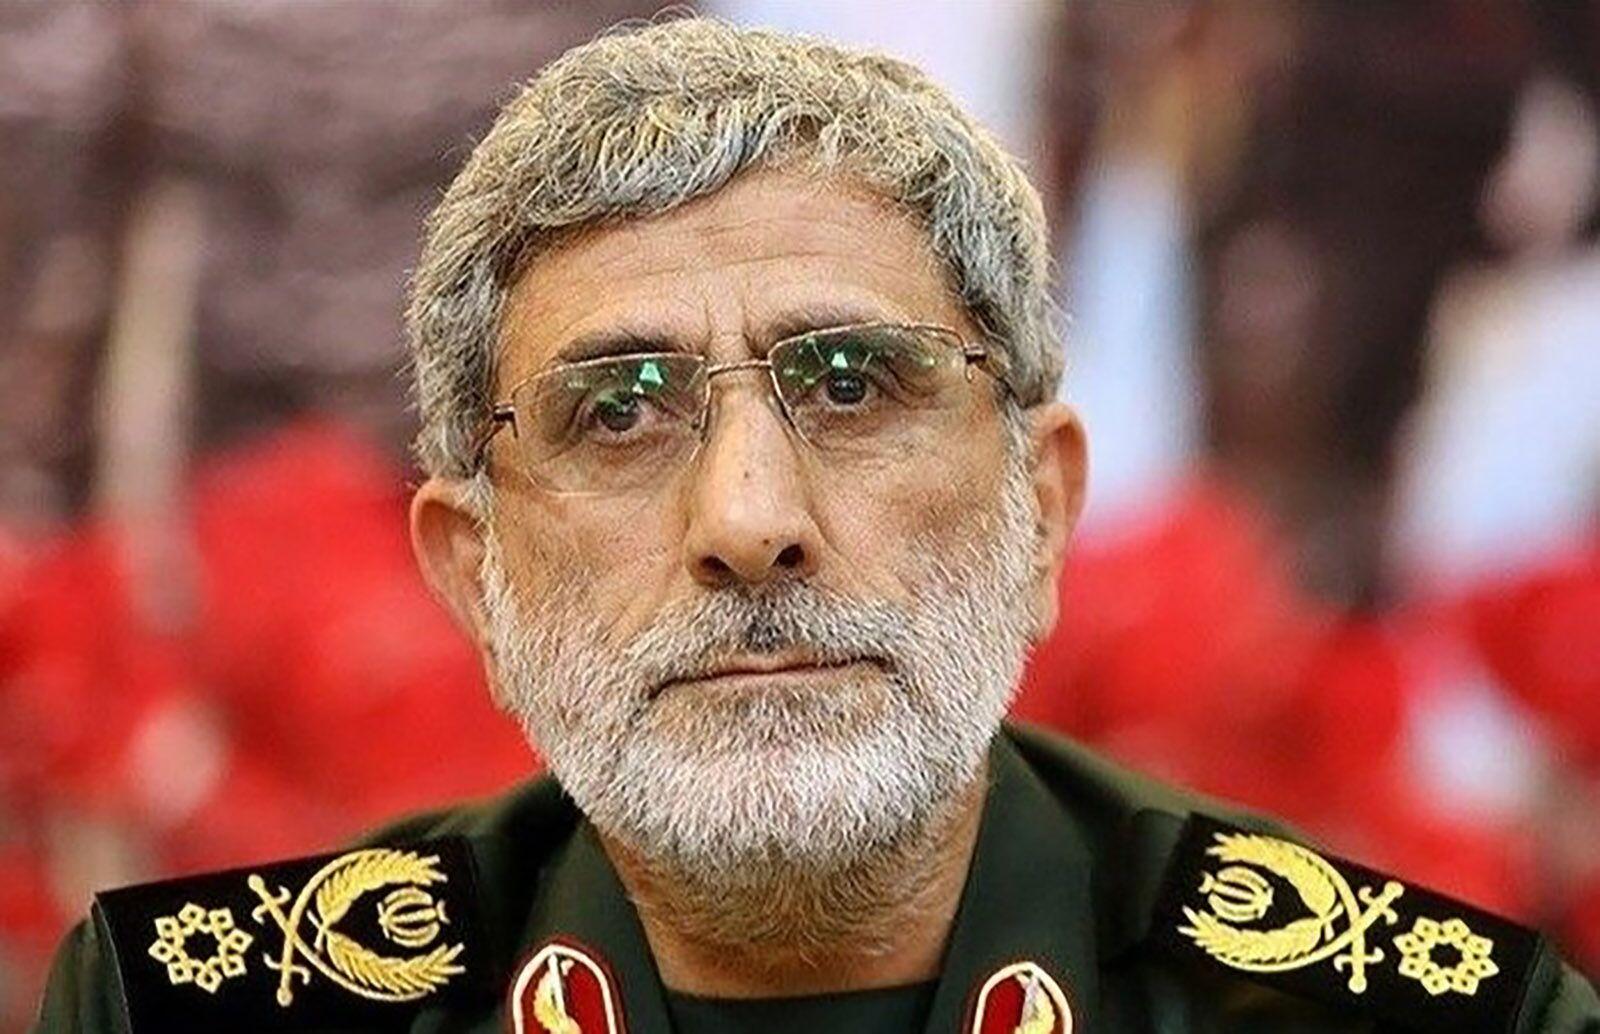 """苏莱马尼被炸身亡后,他接任伊朗""""圣城旅""""指挥官"""